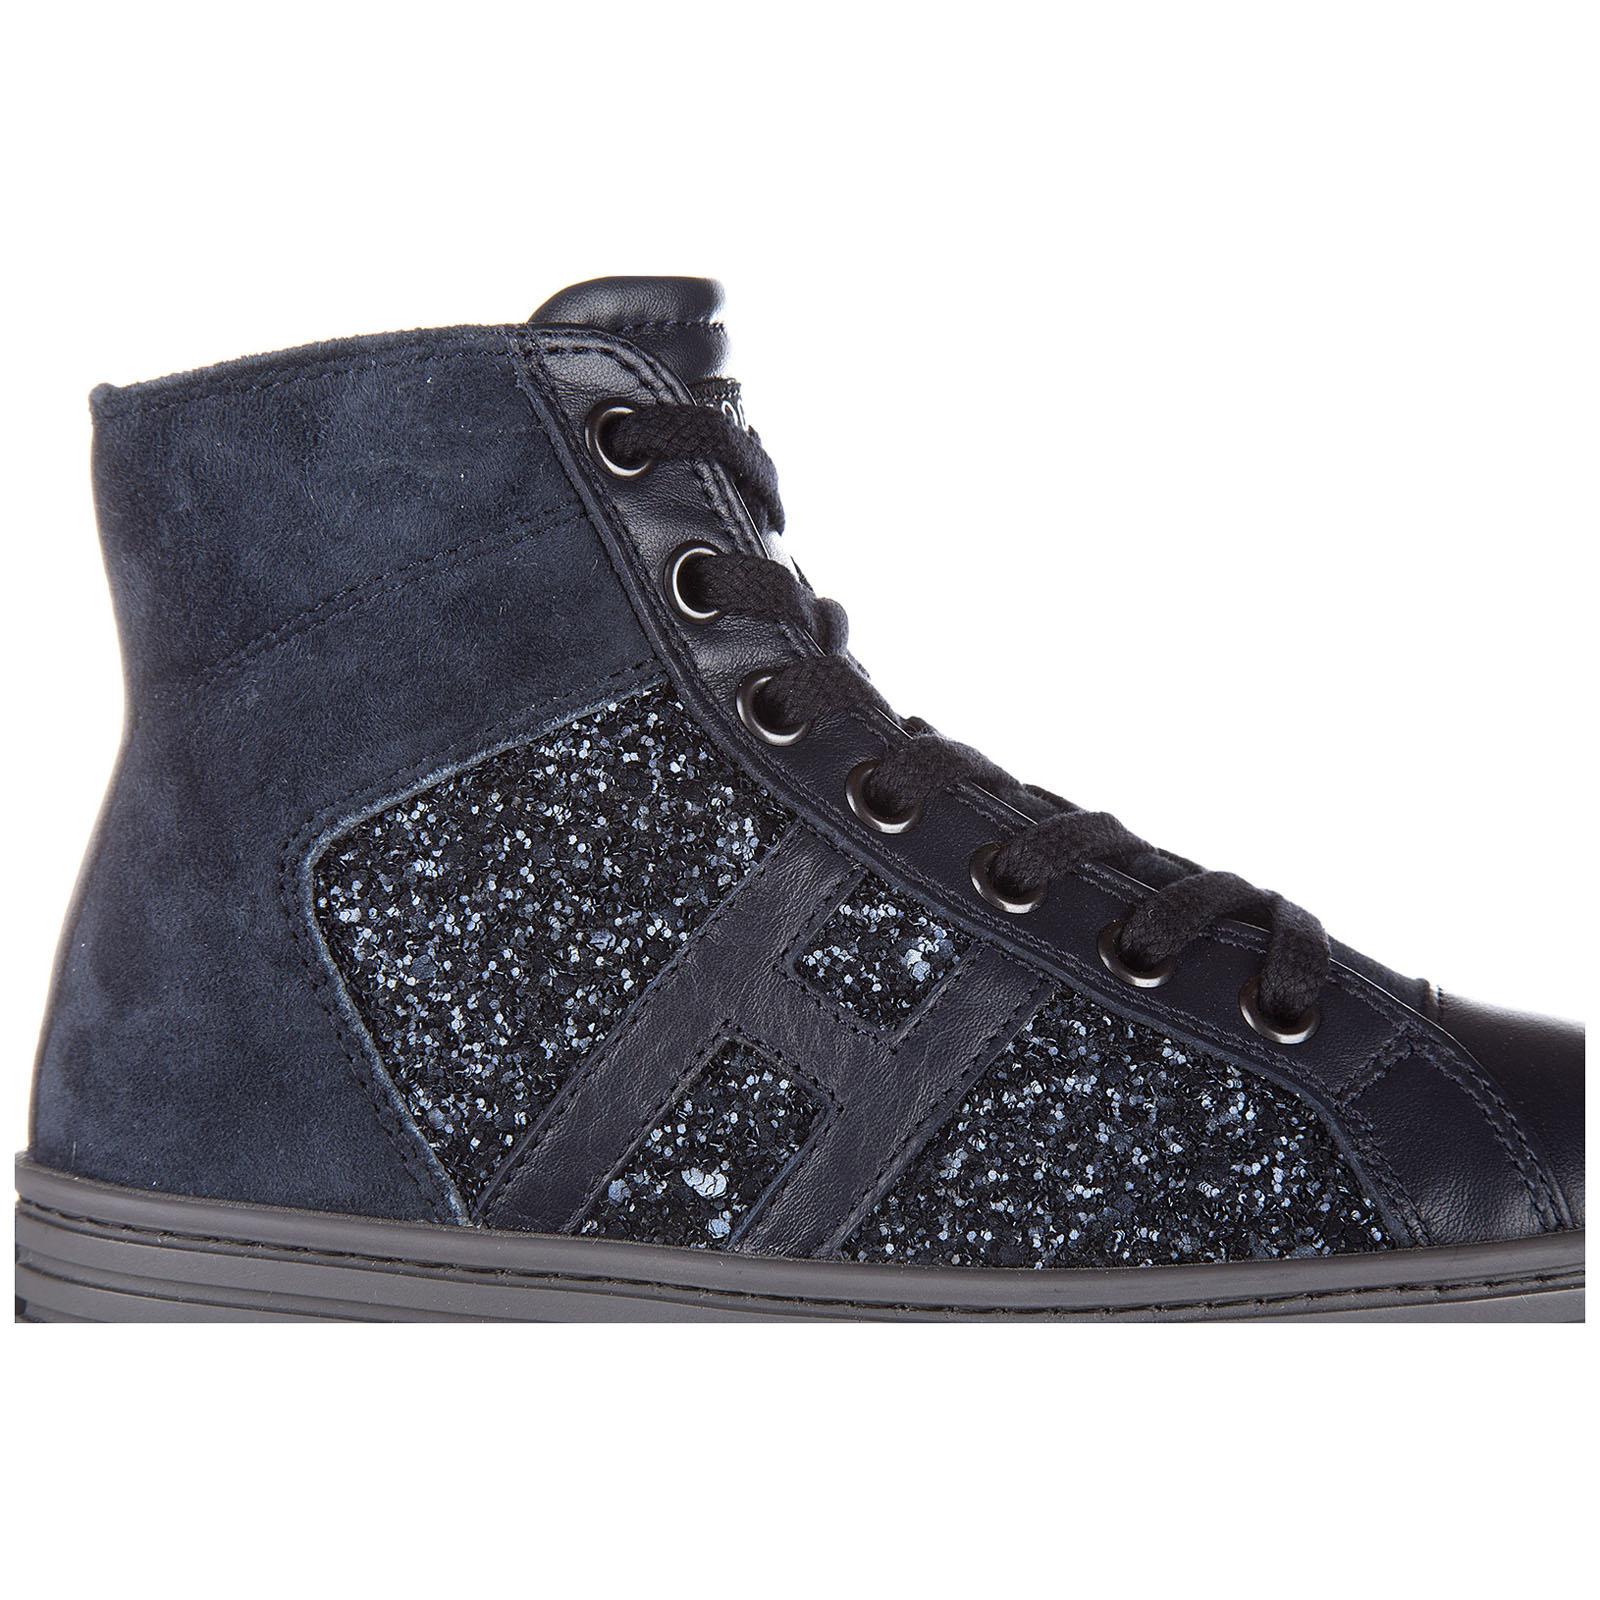 Chaussures baskets hautes sneakers filles en daim r141